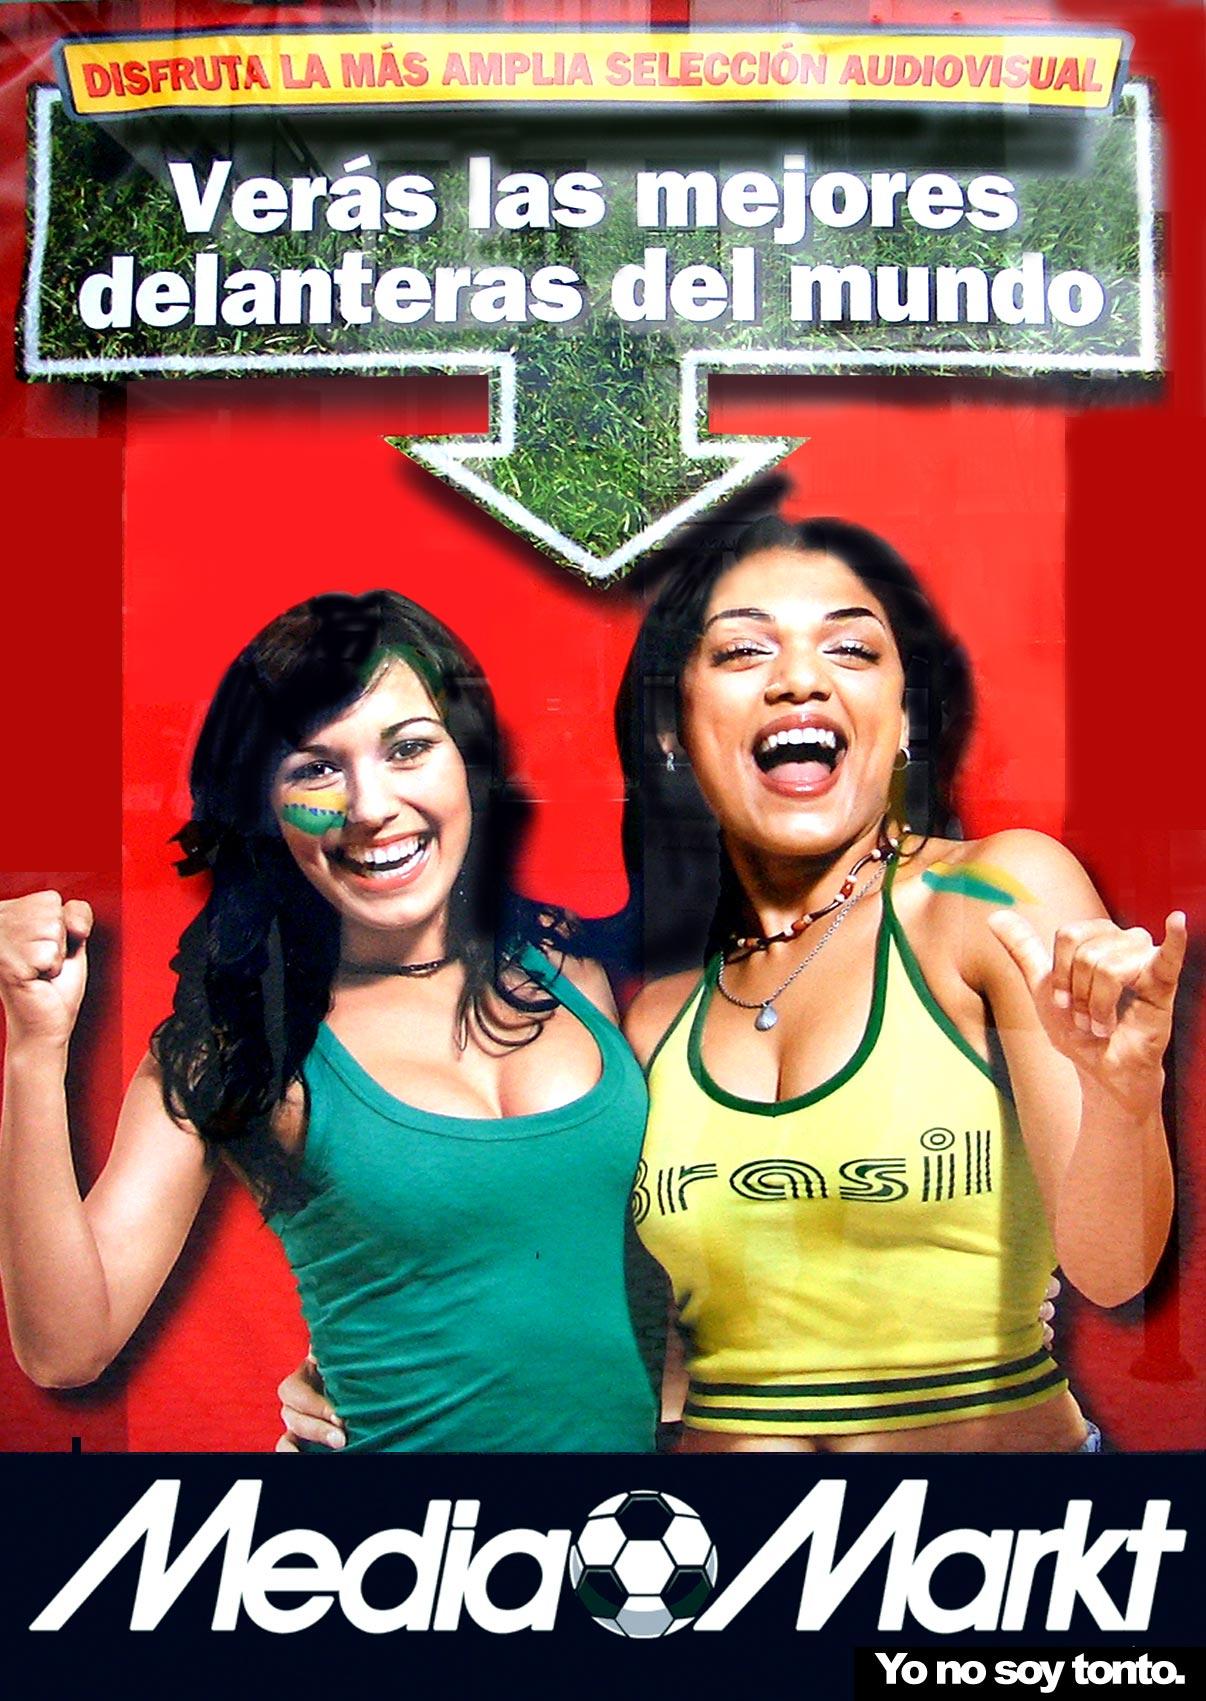 http://www.facua.org/facuainforma/2006/mediamarkt1grande.jpg